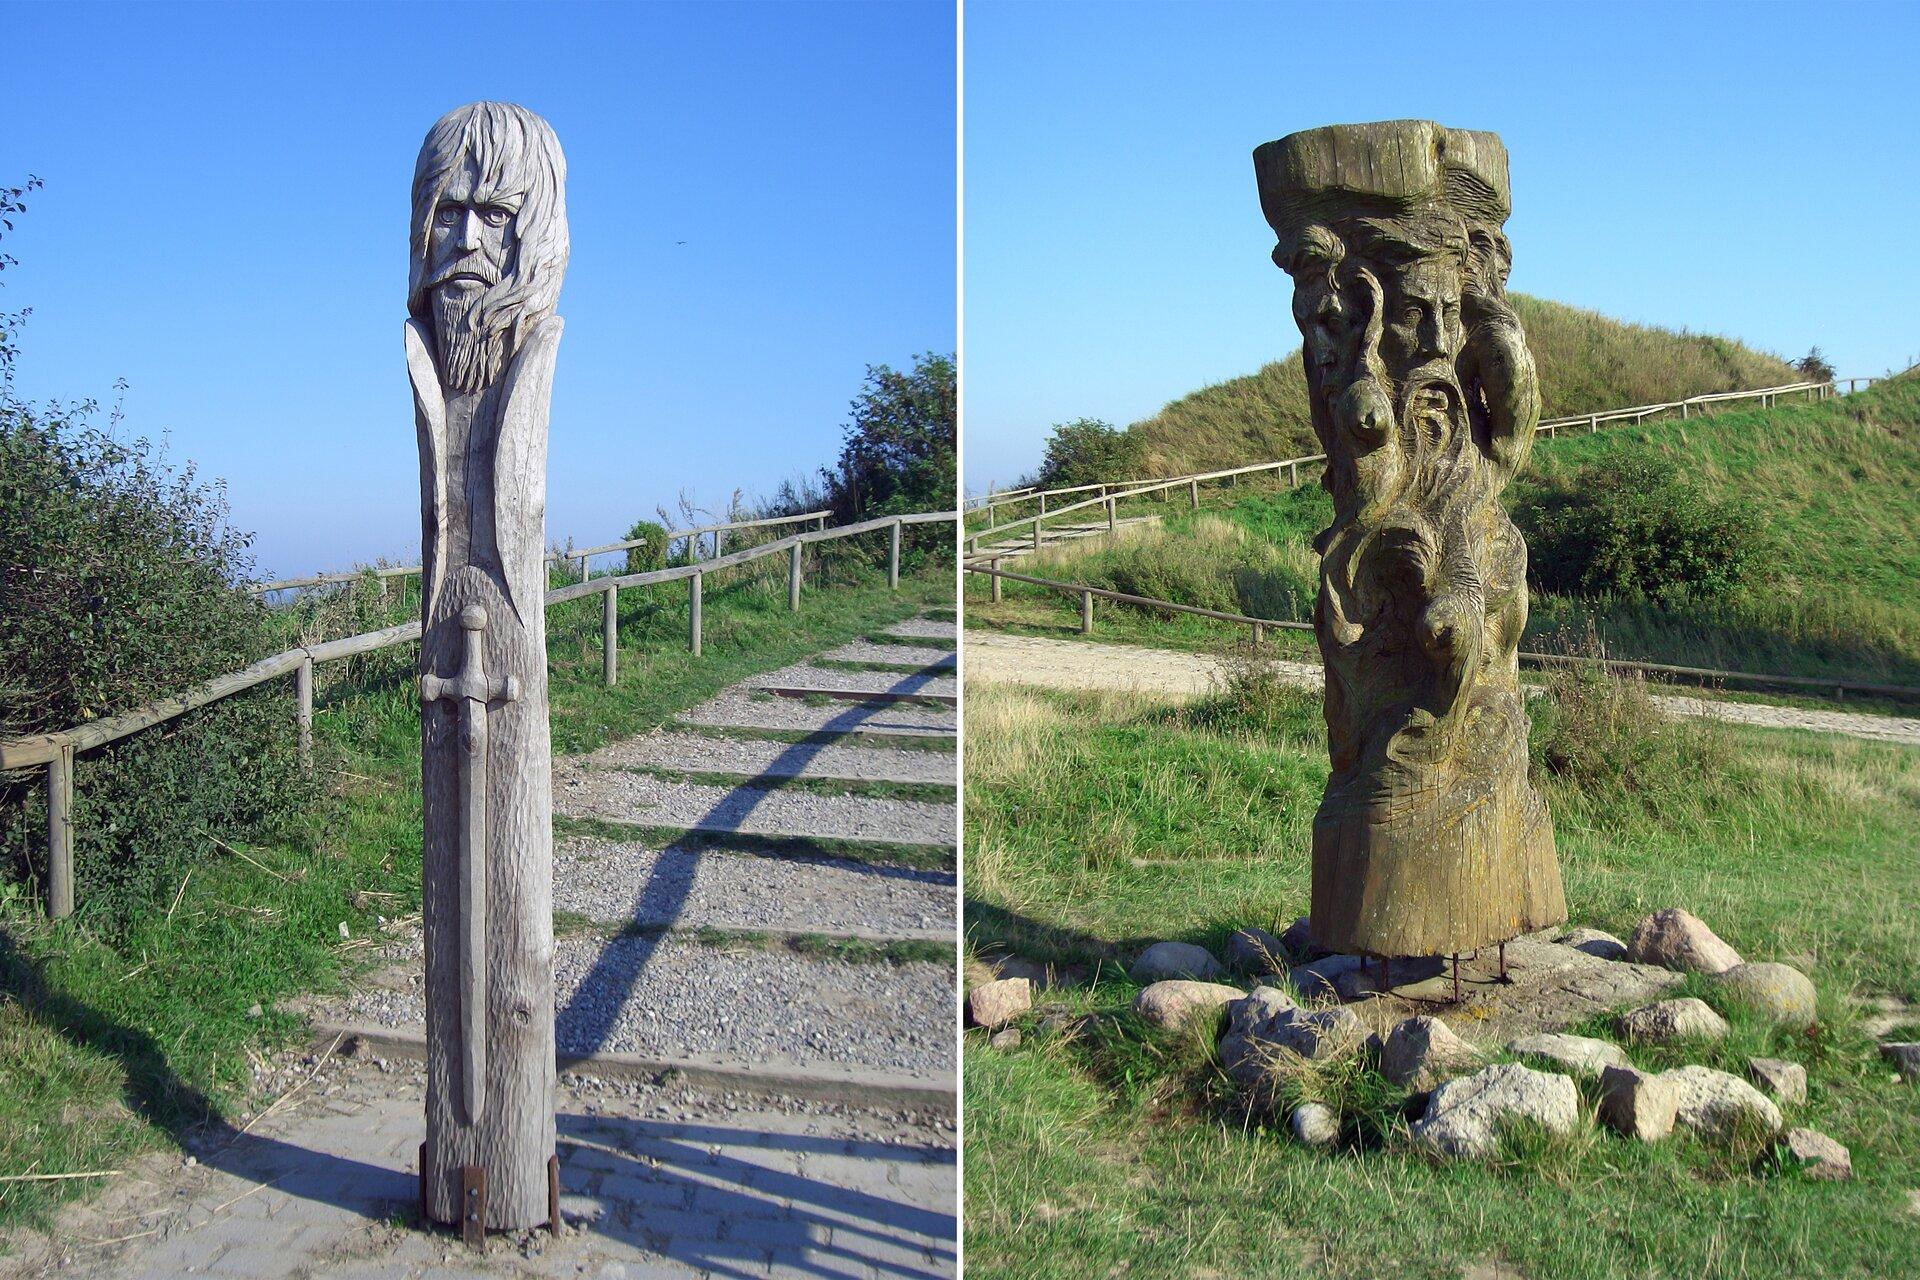 Drewniane rzeźby stojące na wyspie Arkona Drewniane rzeźby stojące na wyspie Arkona Źródło: 2006, licencja: CC BY-SA 3.0.